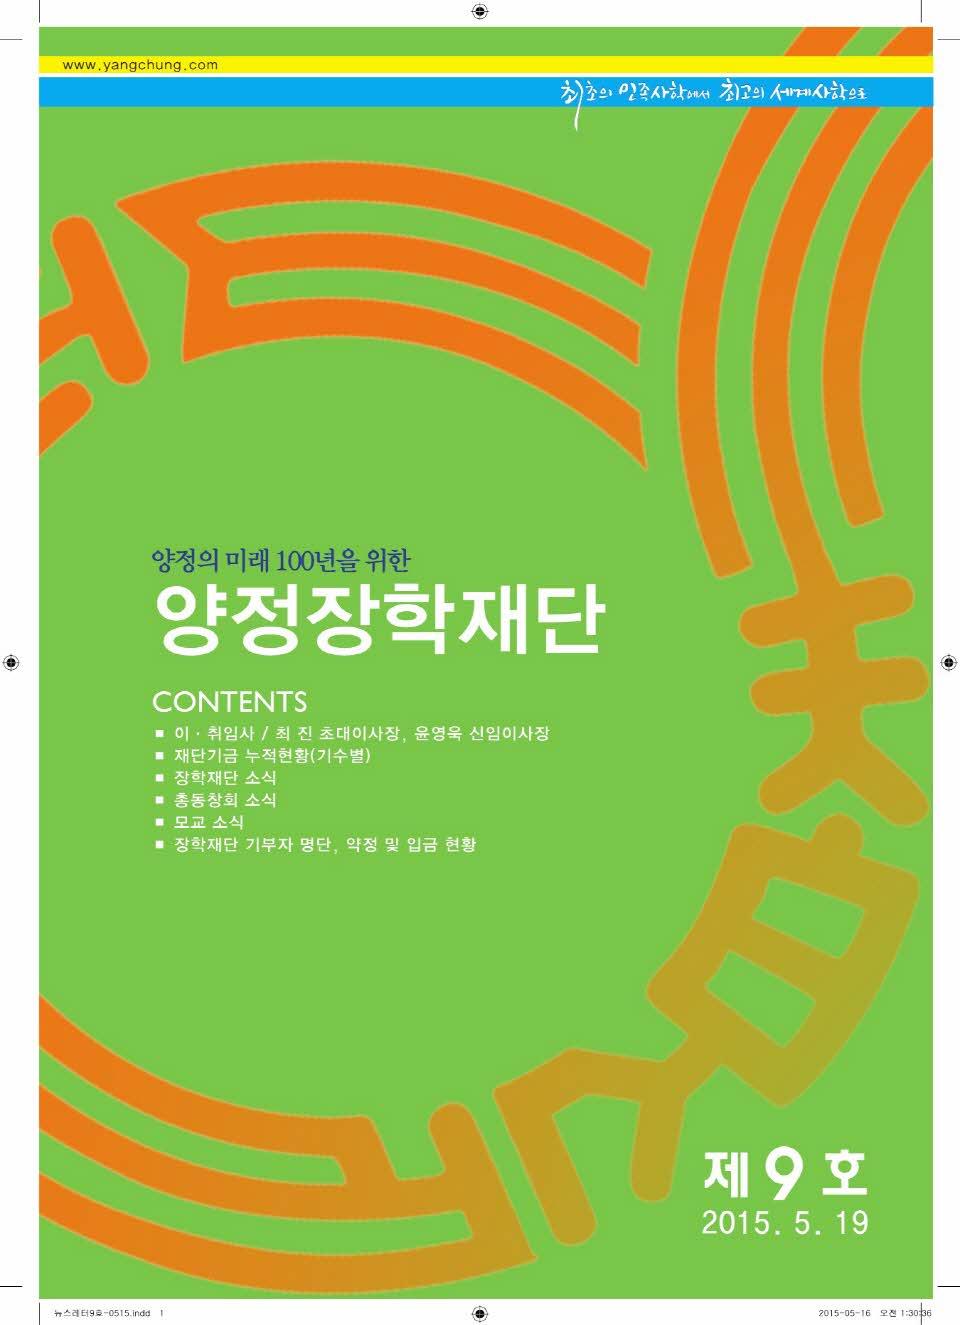 (재)양정장학재단 뉴스레터 9호